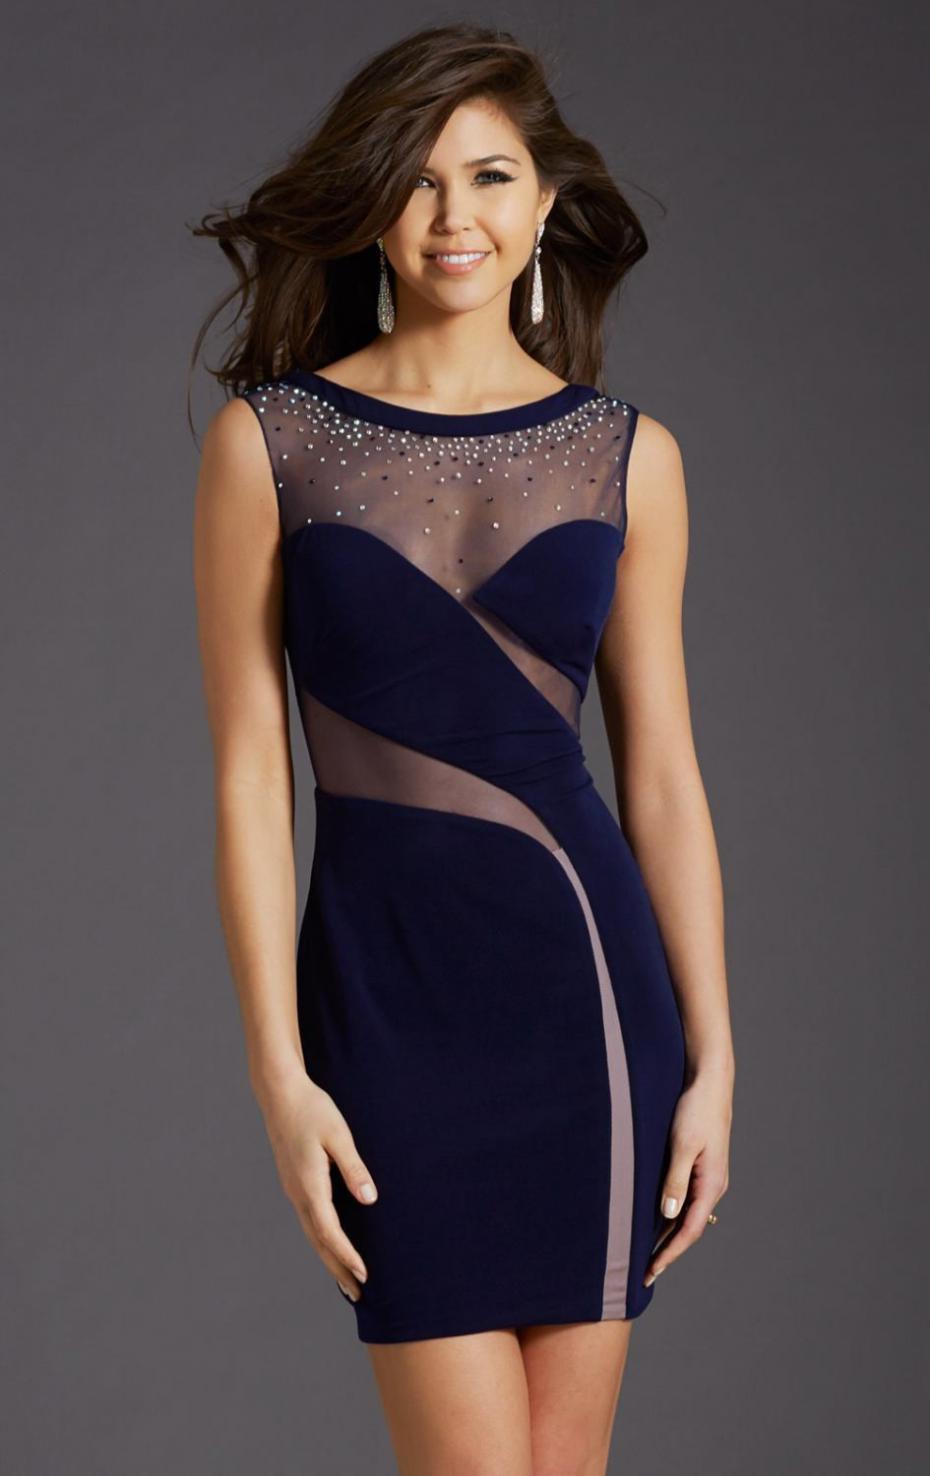 Short Evening Dresses Aliexpress 97